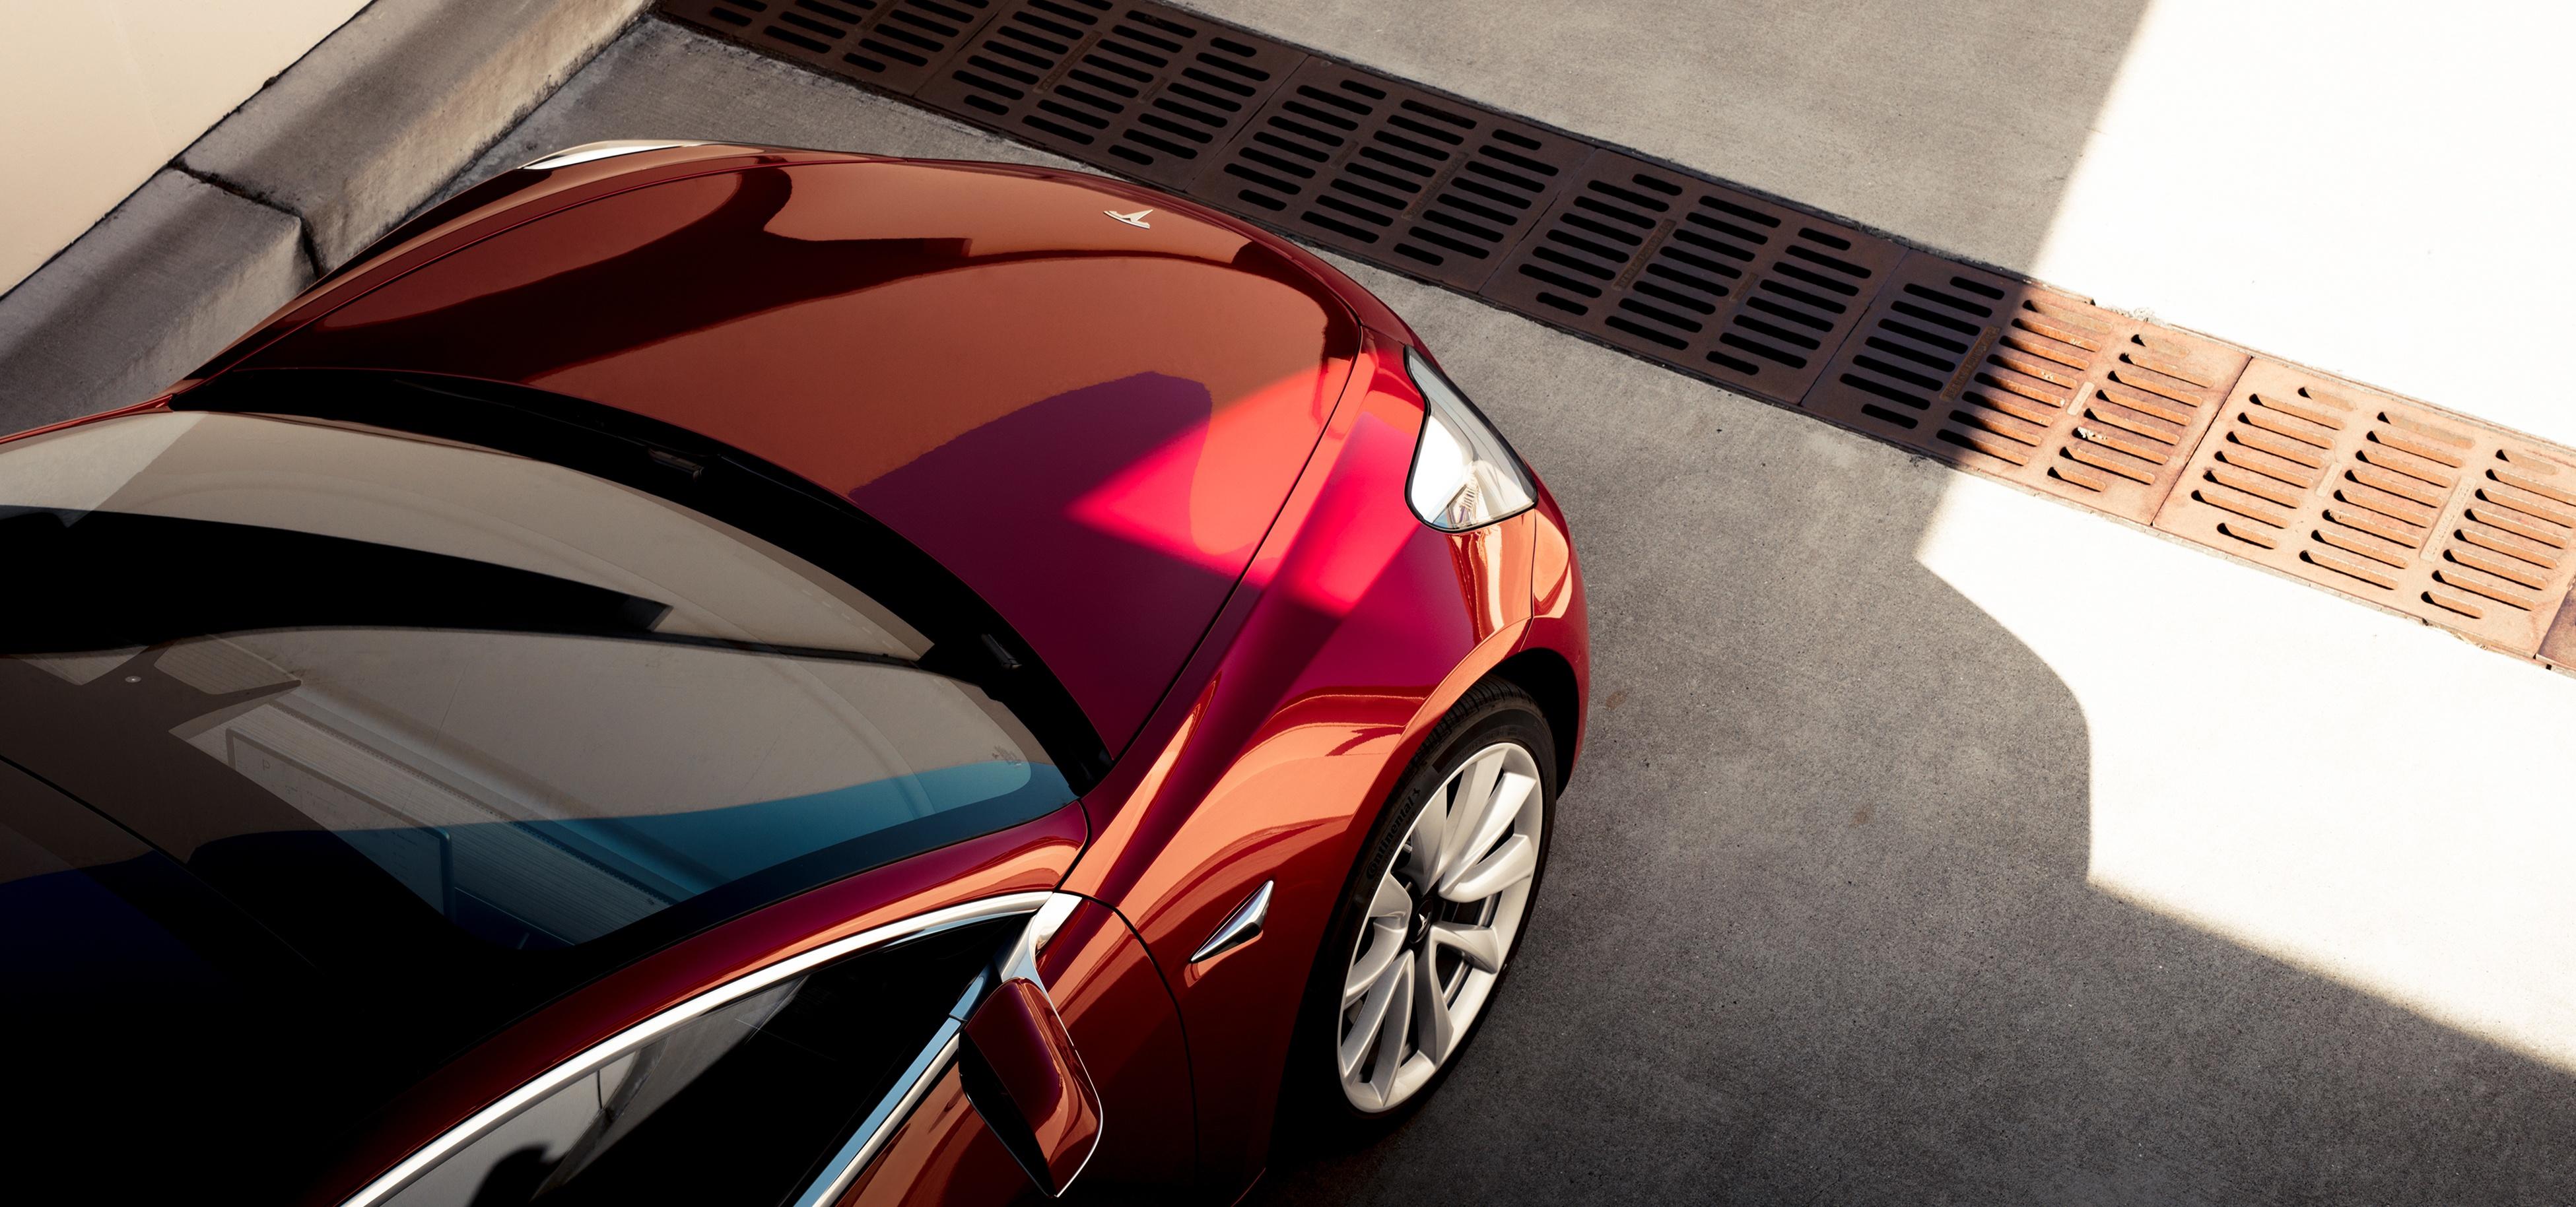 Laadpaal Tesla Model 3 Kopen   Abel&co